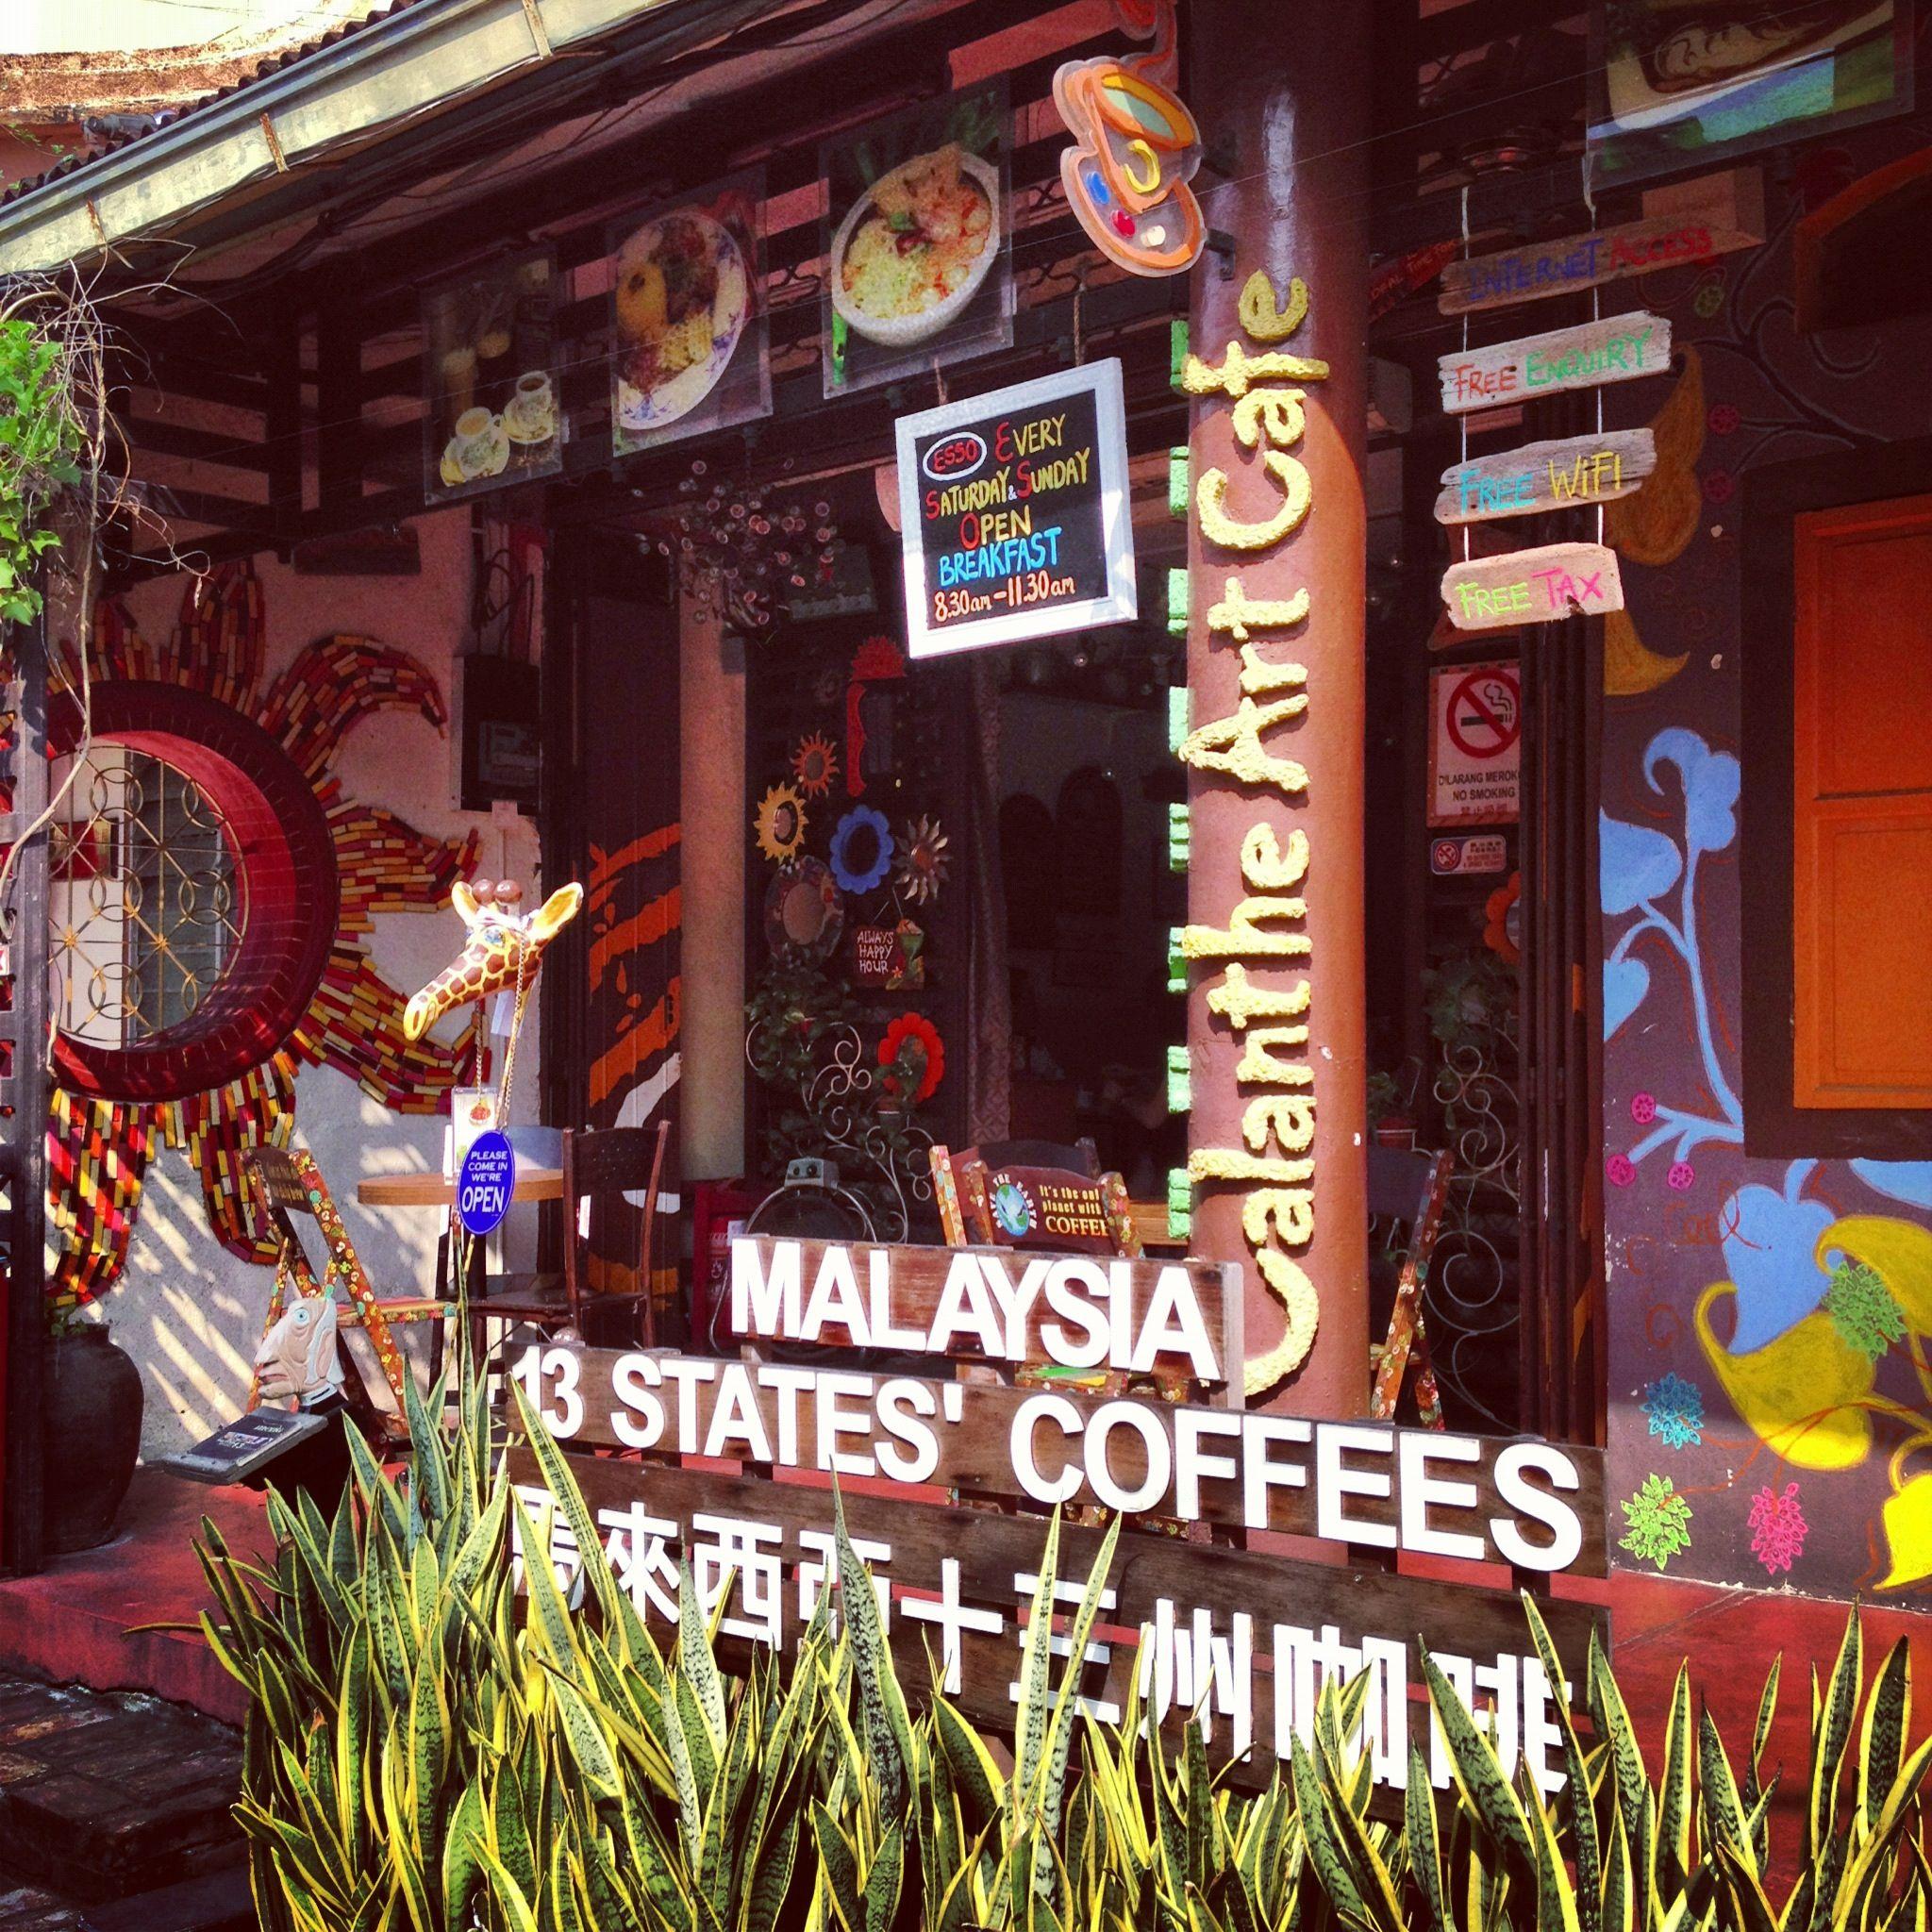 13 states coffee of Malaysia Melaka, Malaysia Cafe art